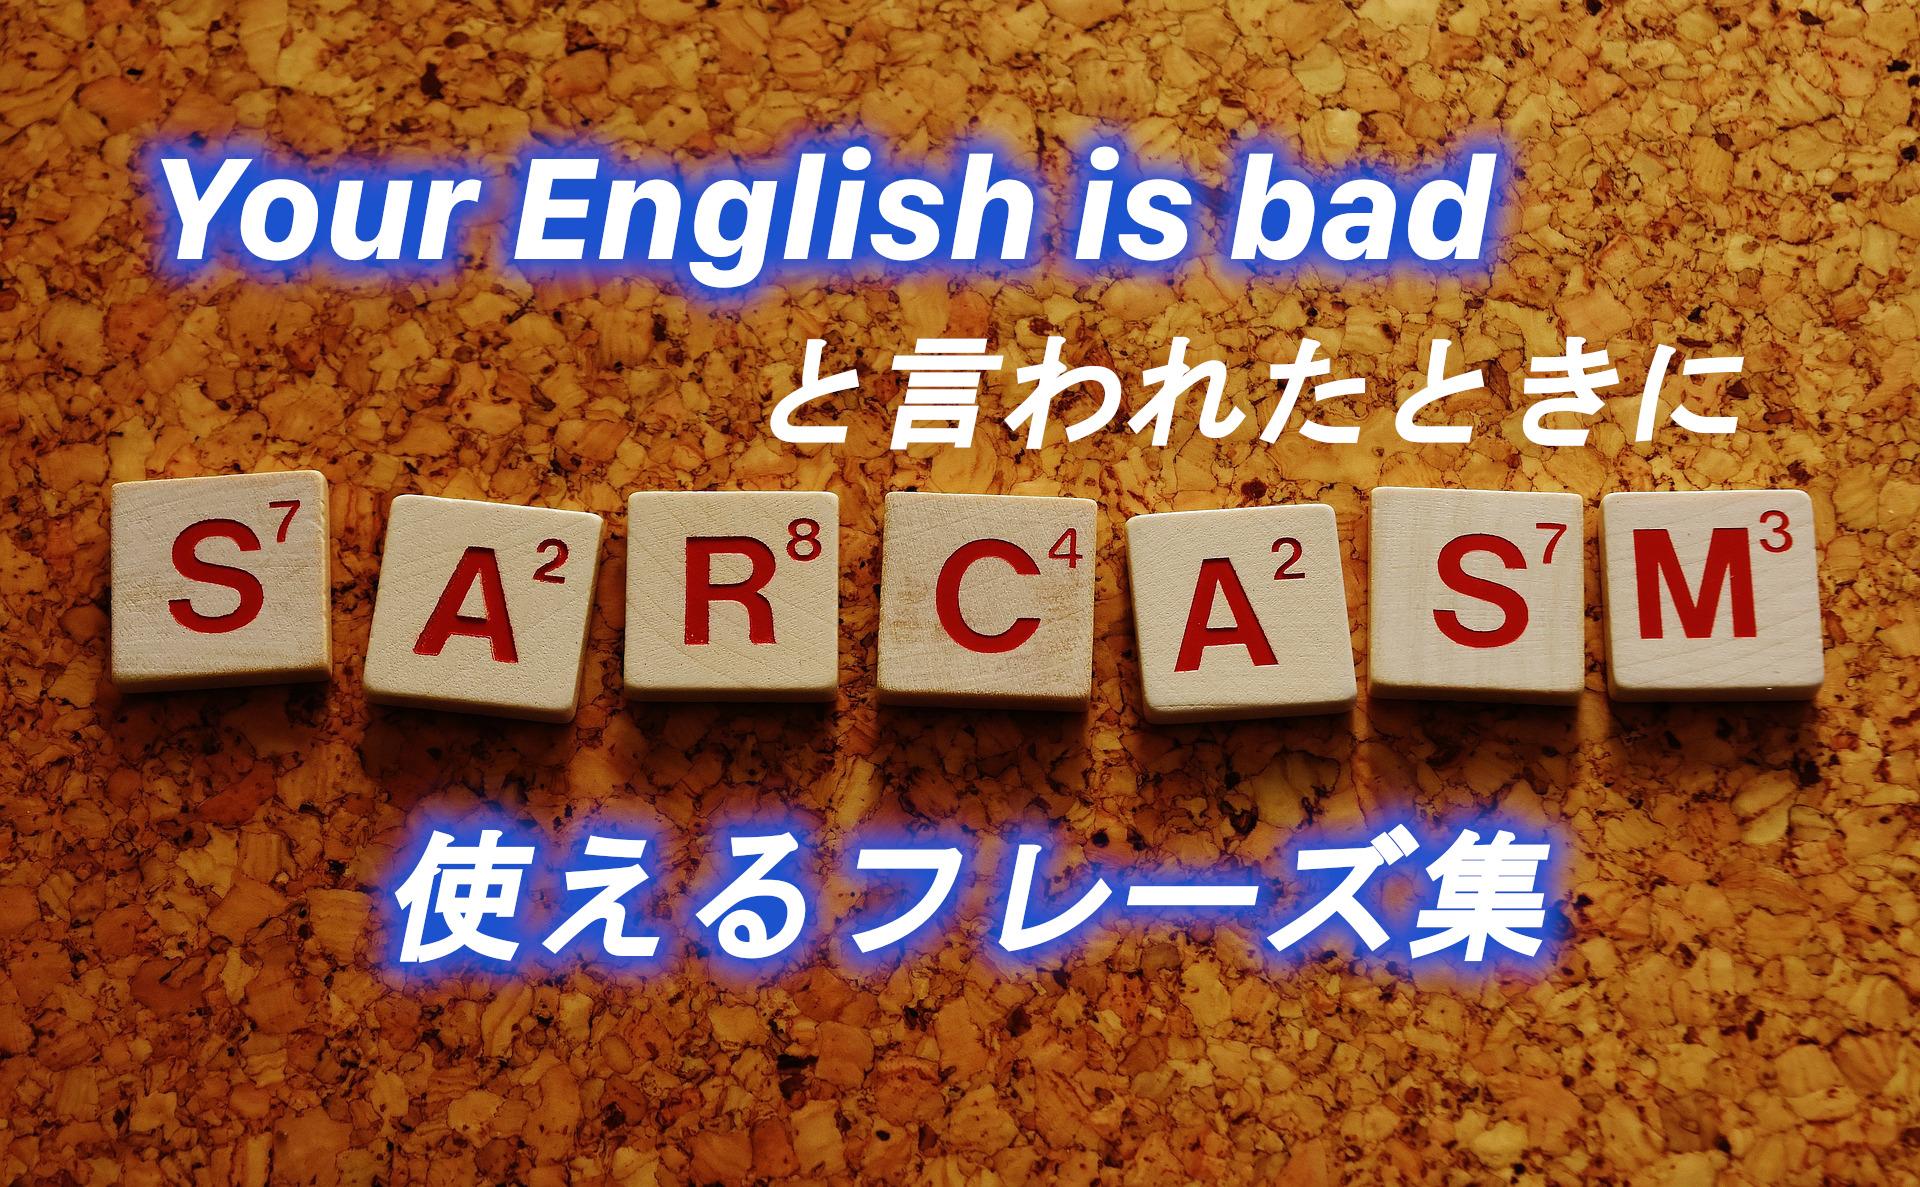 Your English is badと言われたときに使えるフレーズ集